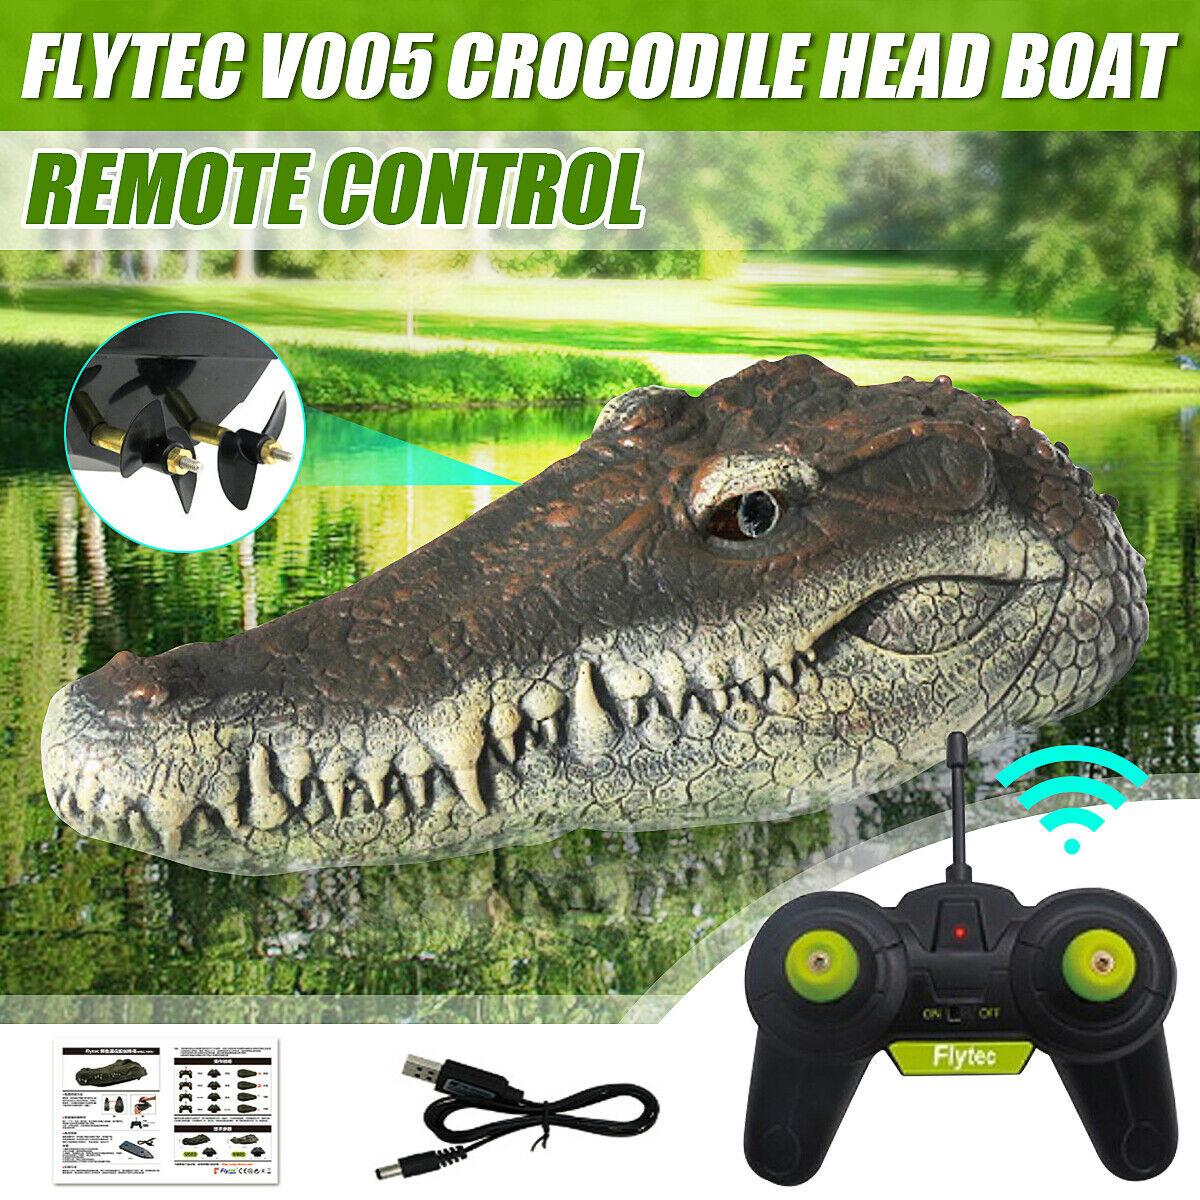 La tête de crocodile télécommandée ! Peur assurée !